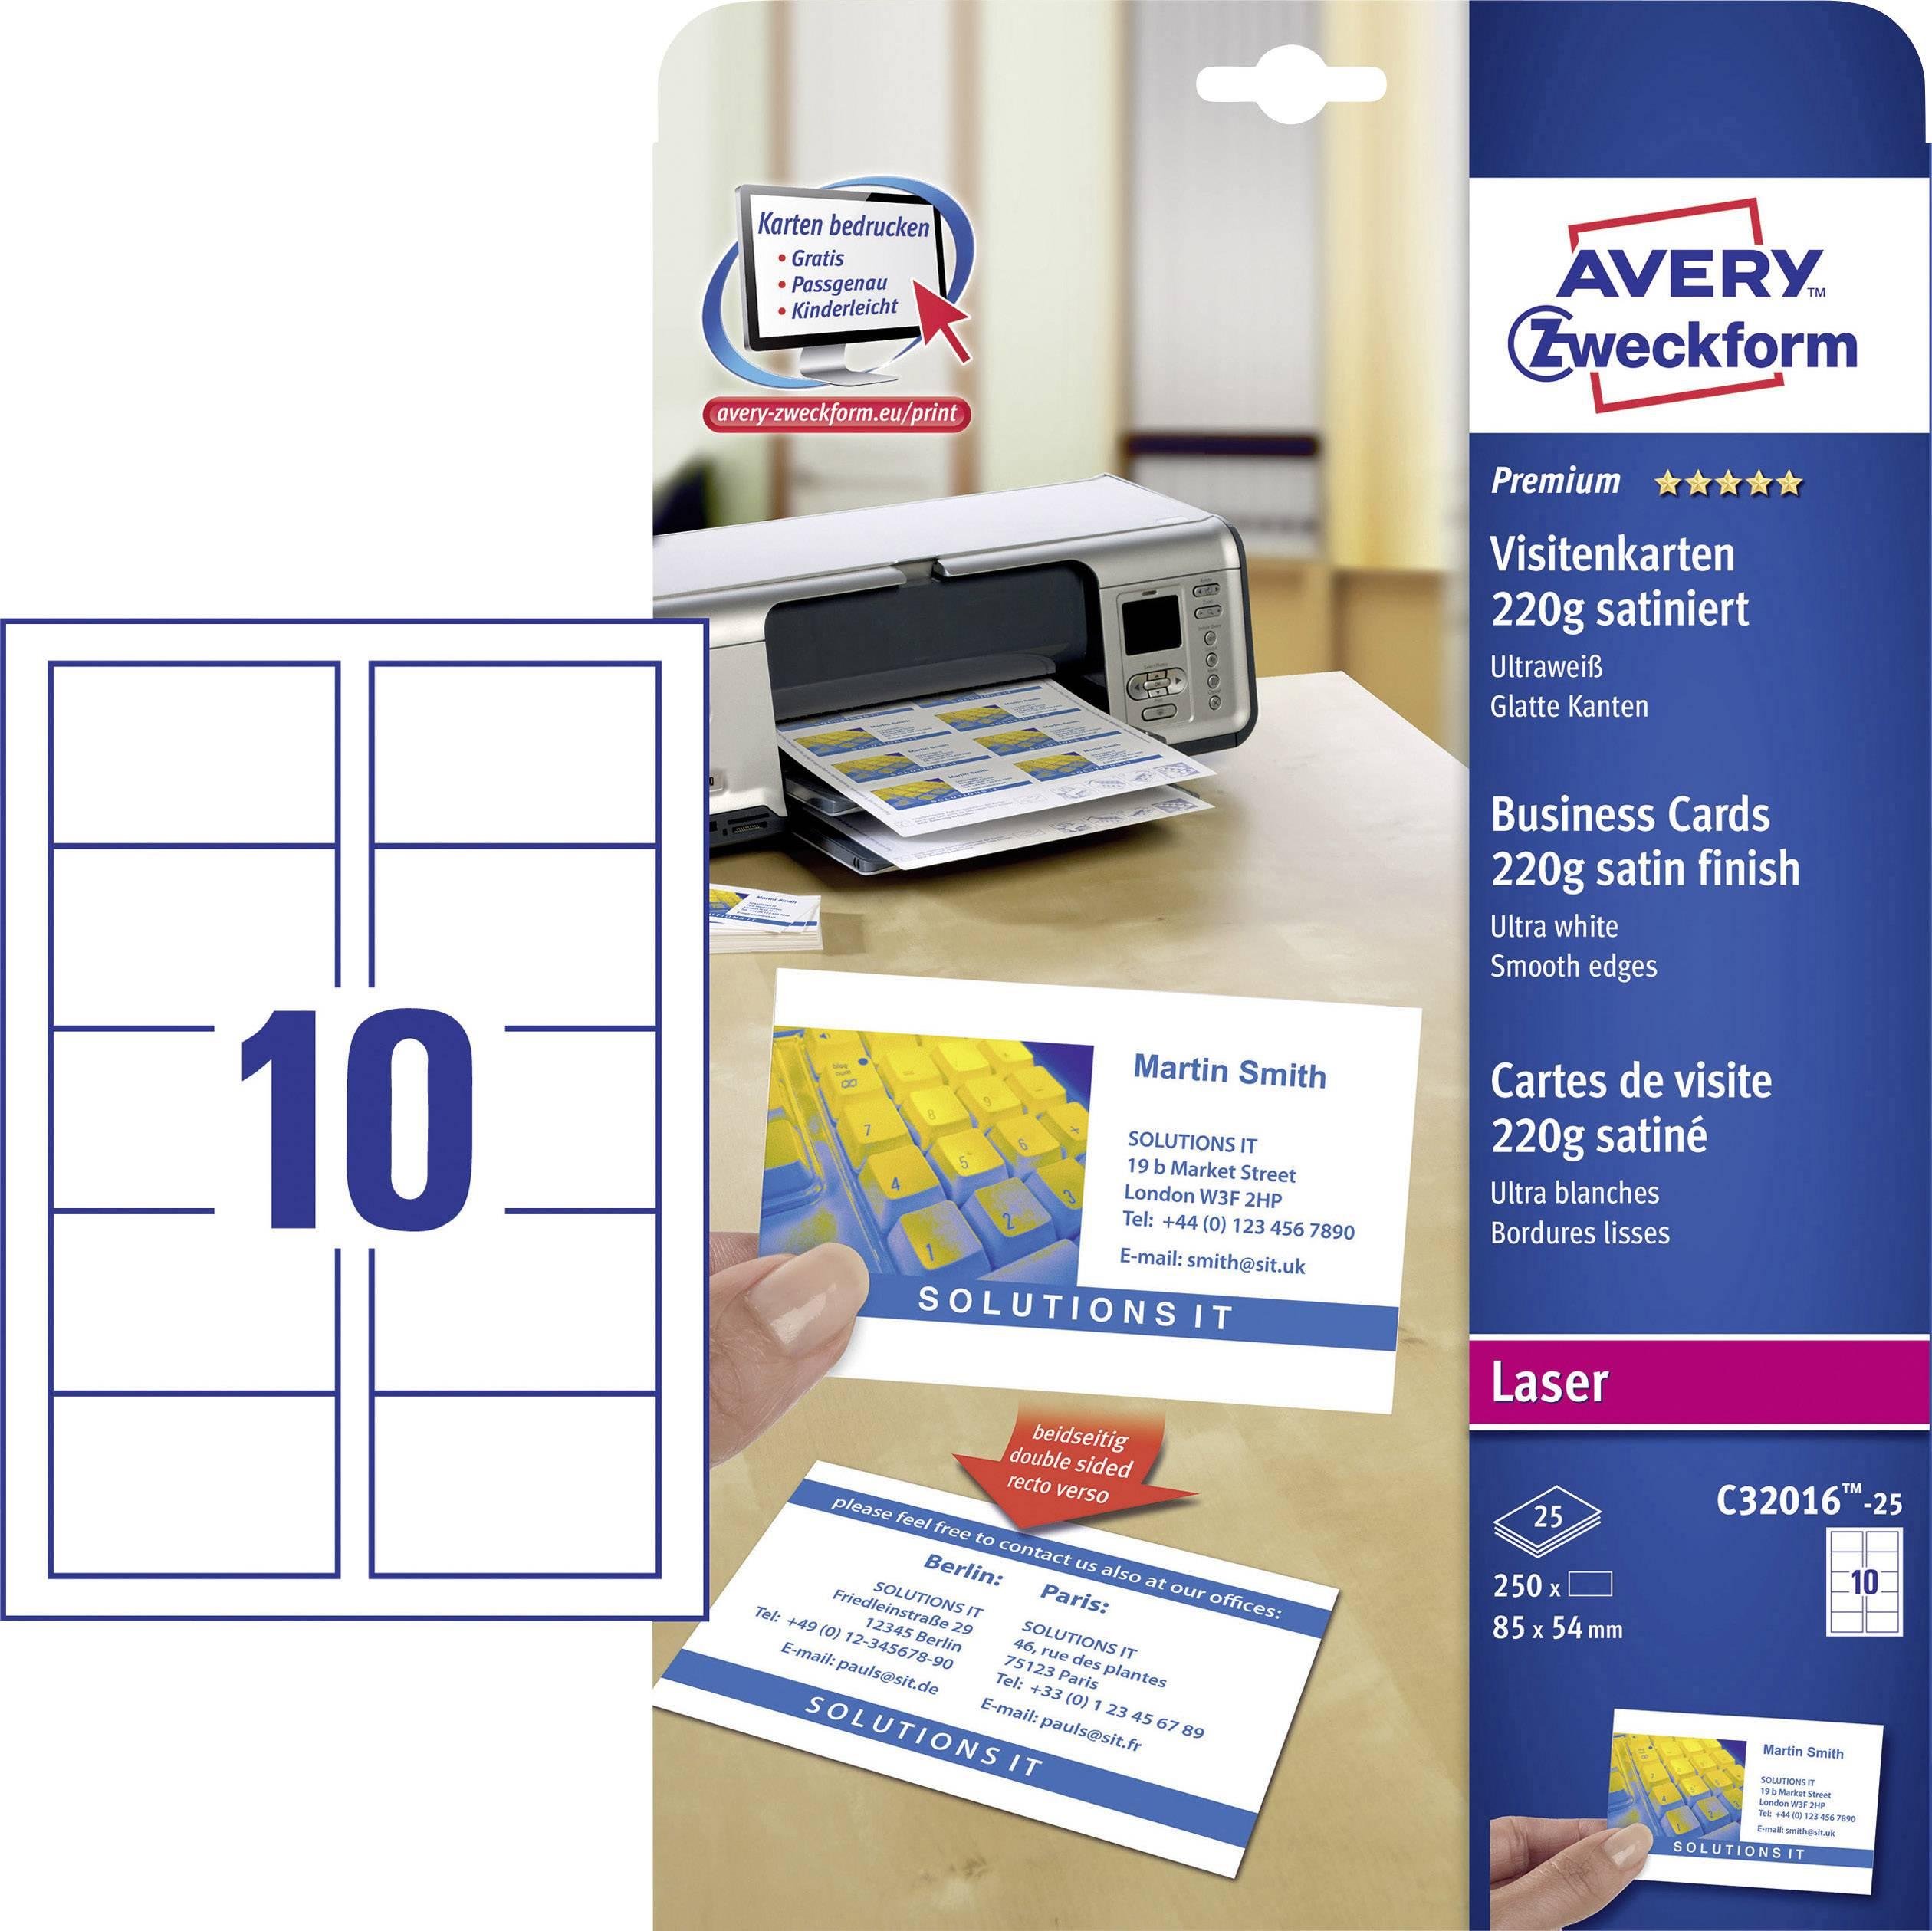 Avery Zweckform C32016 25 Bedruckbare Visitenkarten Glatte Kanten 85 X 54 Mm Weiß 250 St Papierformat Din A4